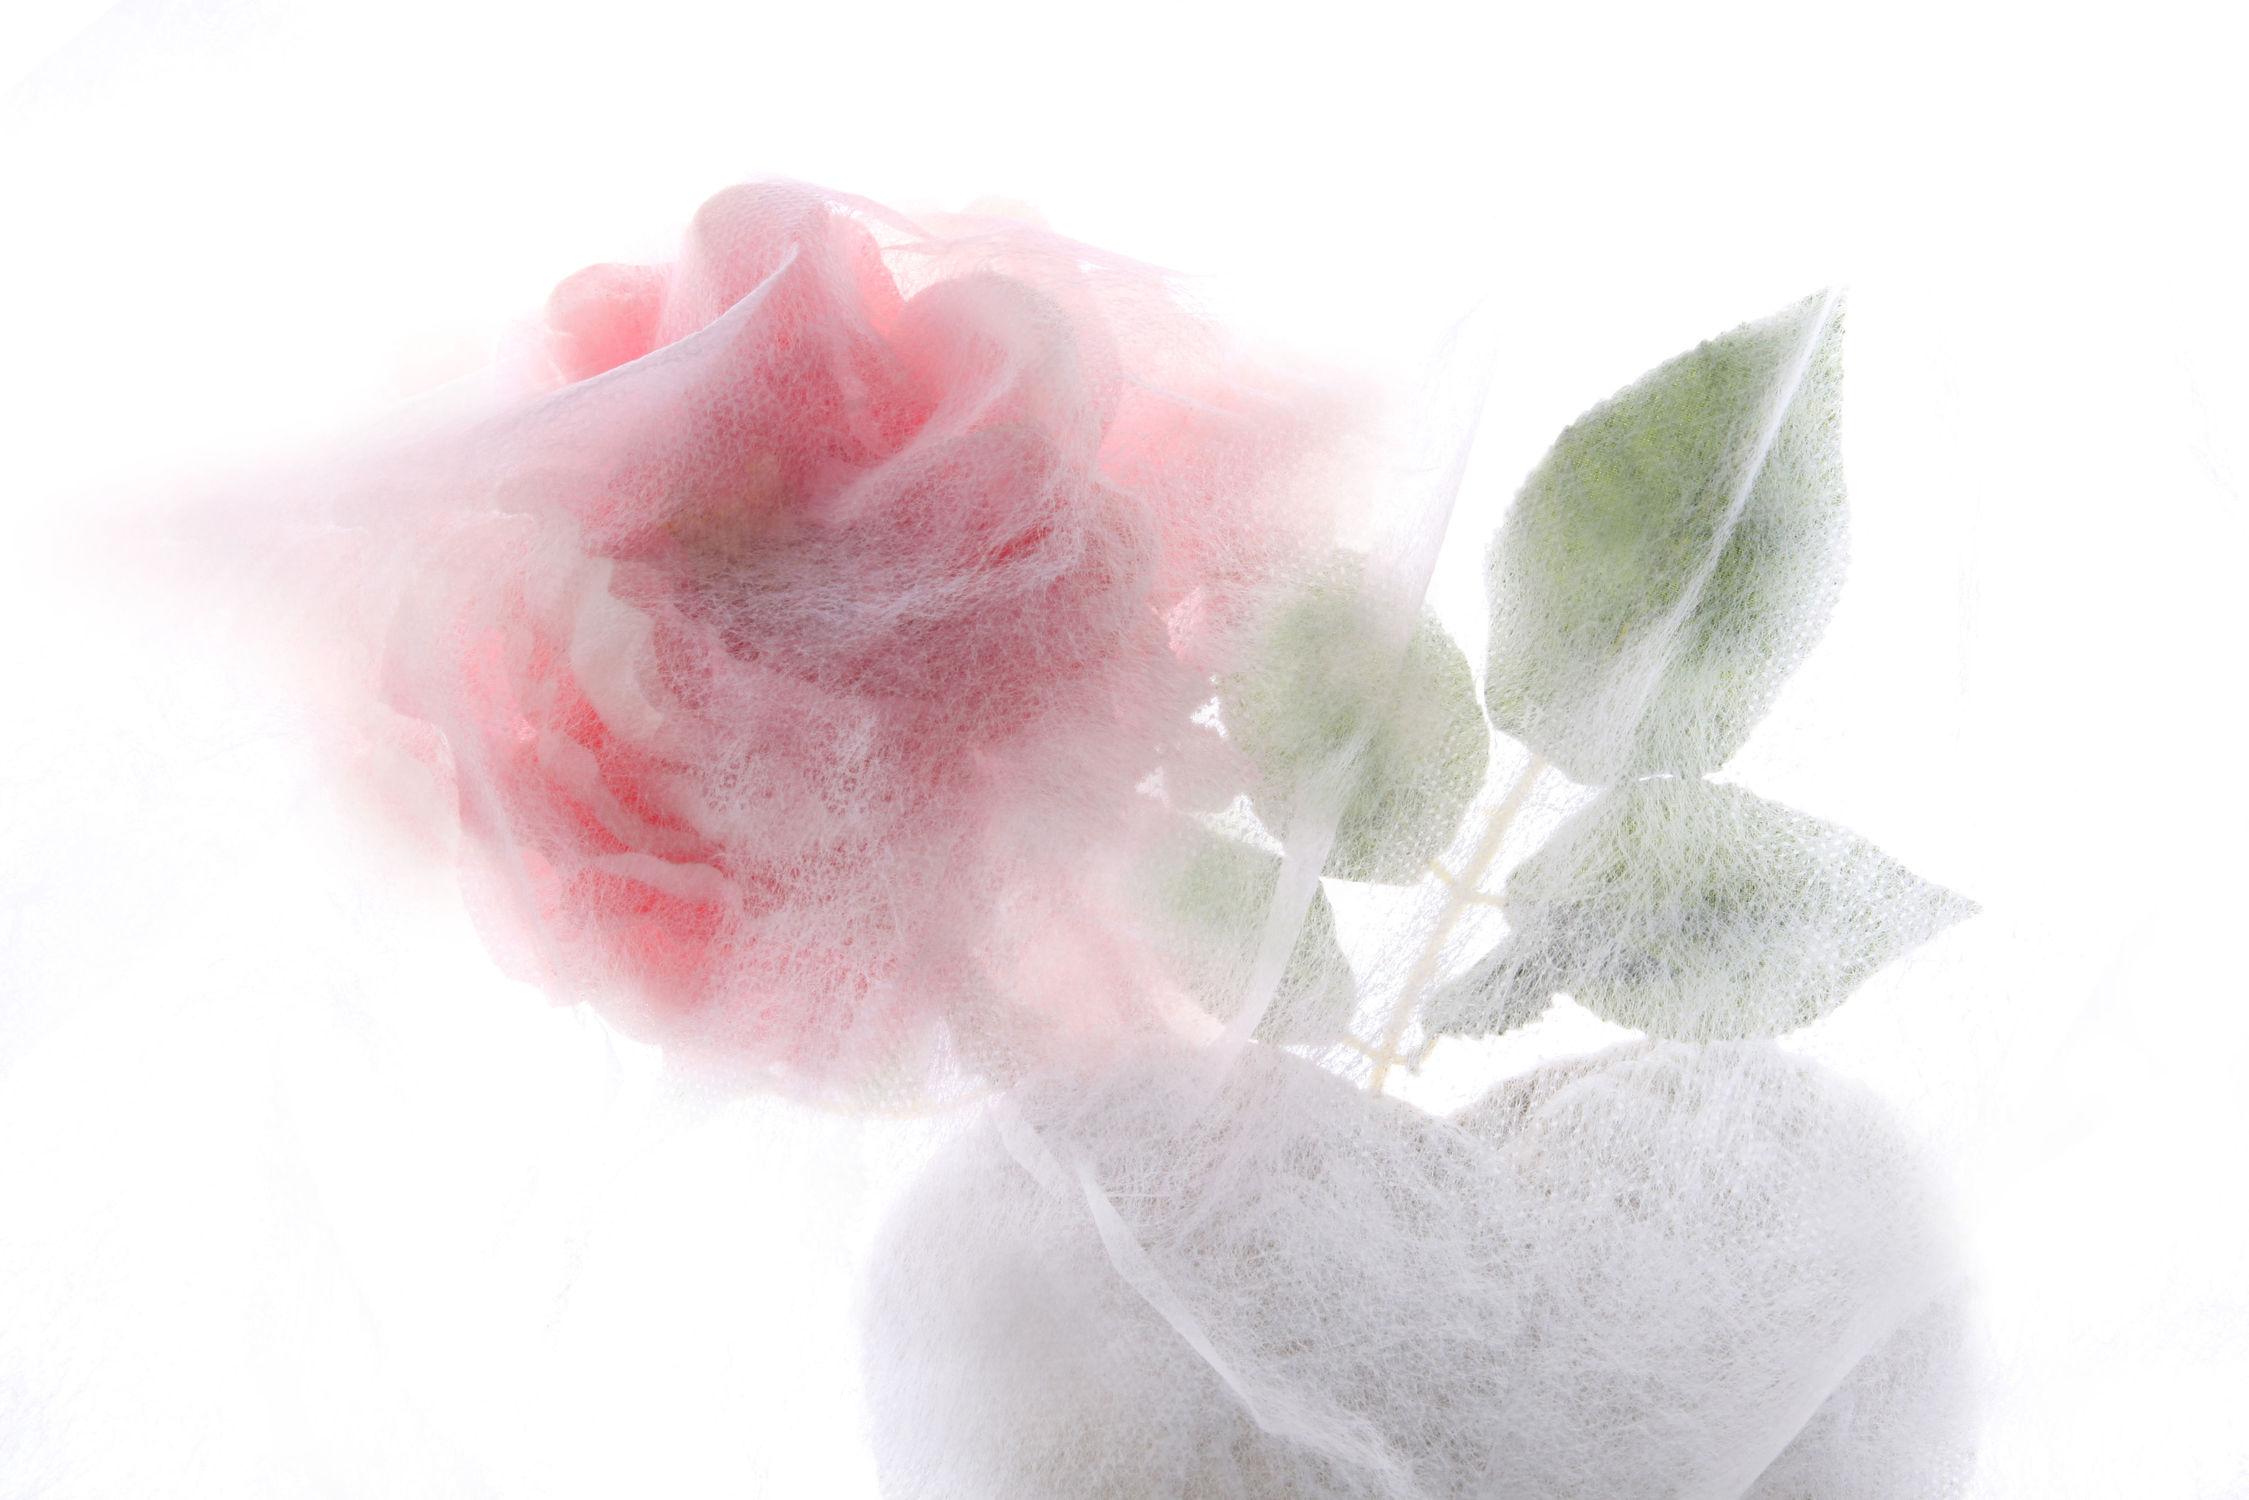 Bild mit Blumen, Rosen, Blume, Rose, Floral, Blüten, Florales, blüte, romantisch, Herz, Liebe